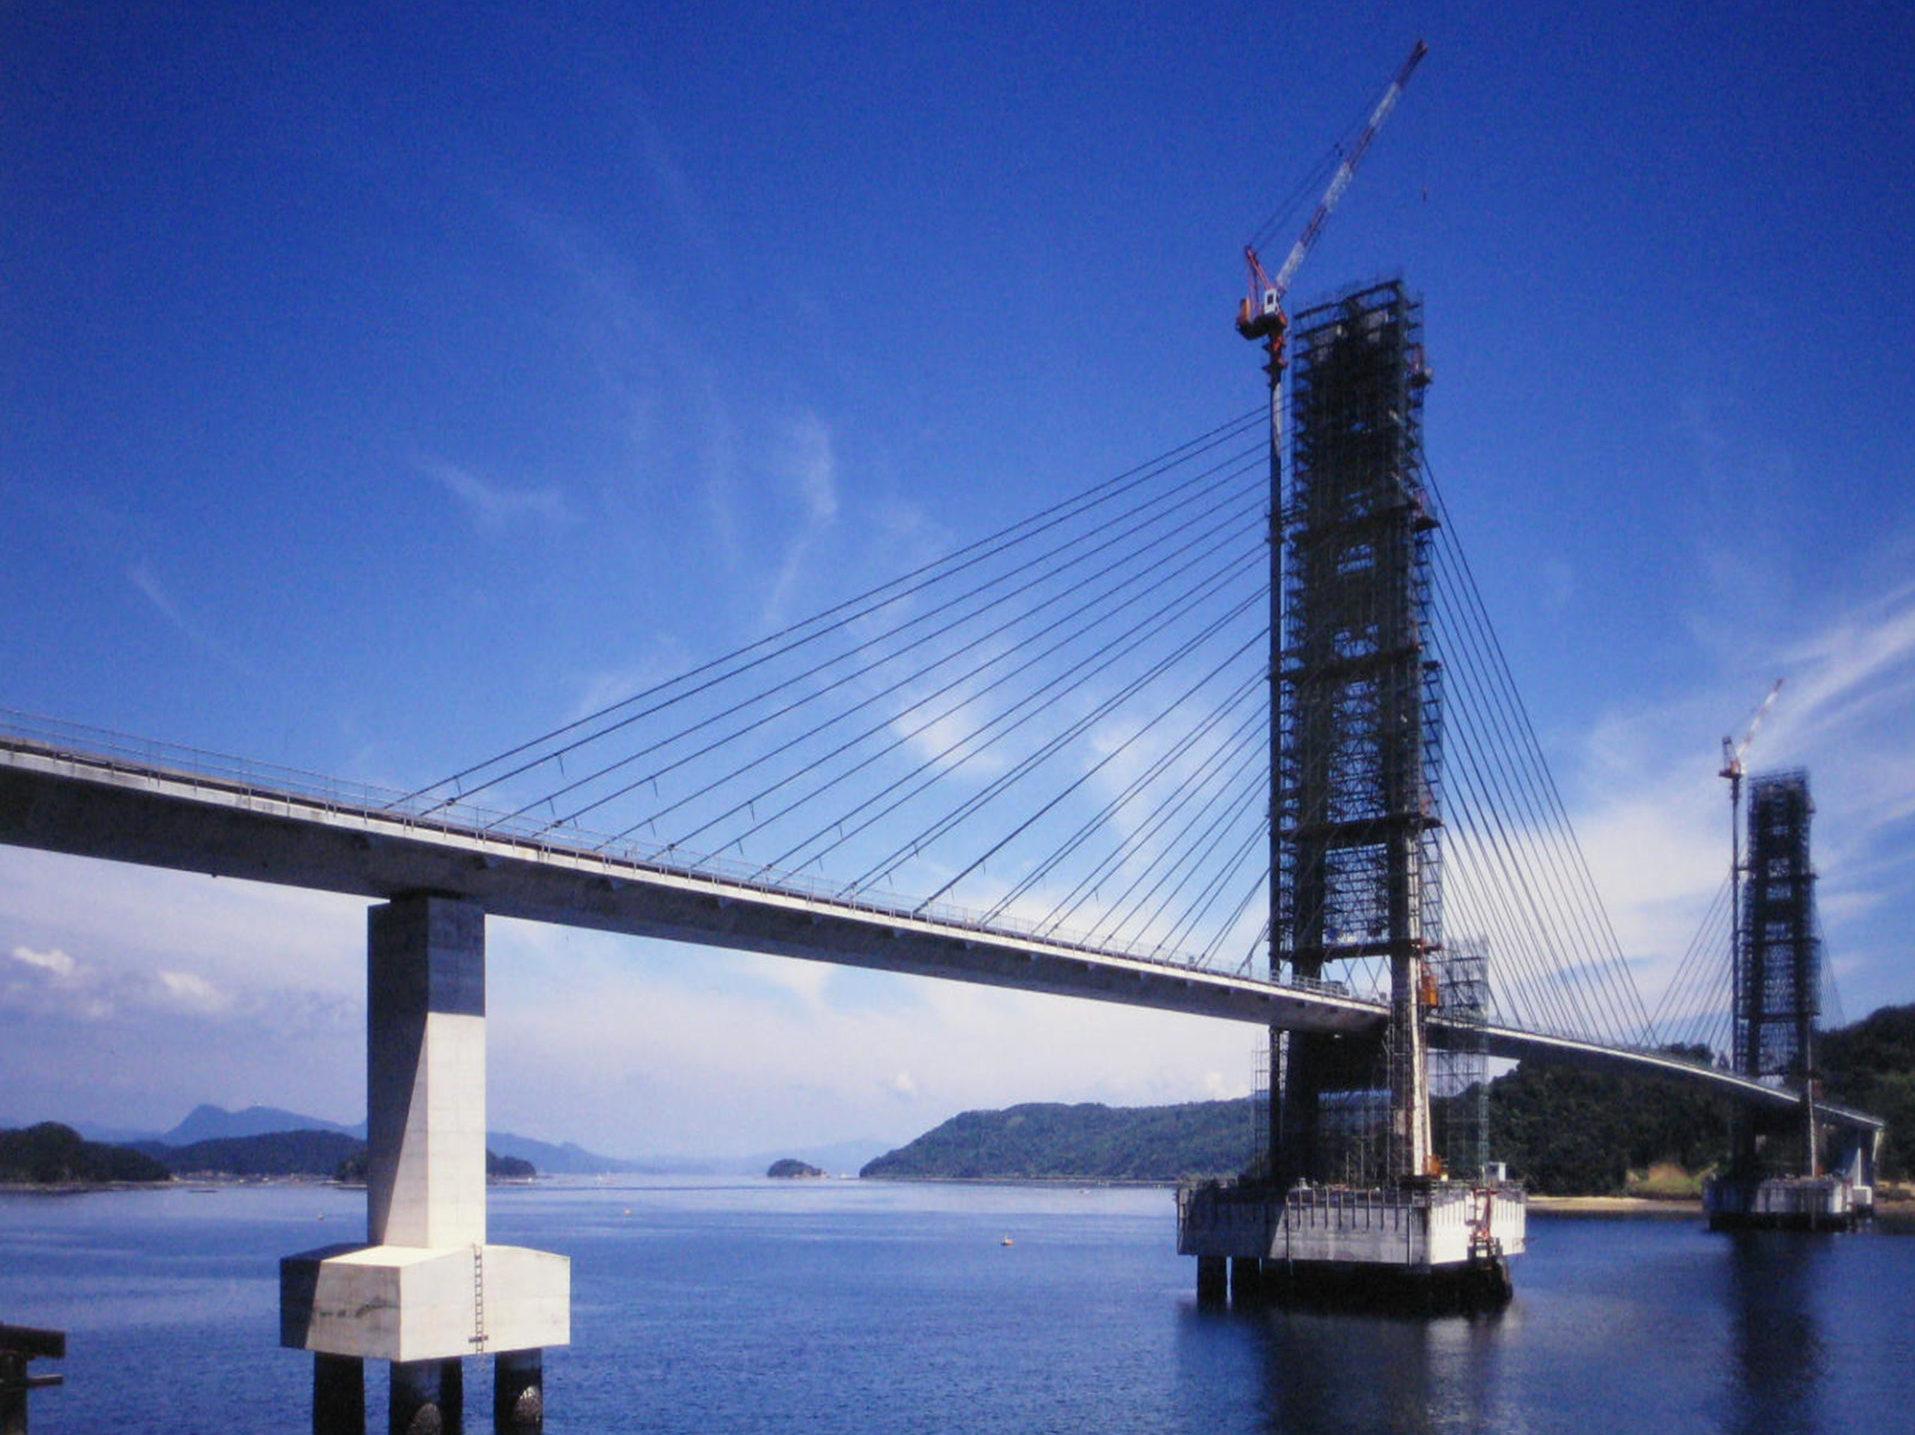 伊唐島地区架橋建設工事